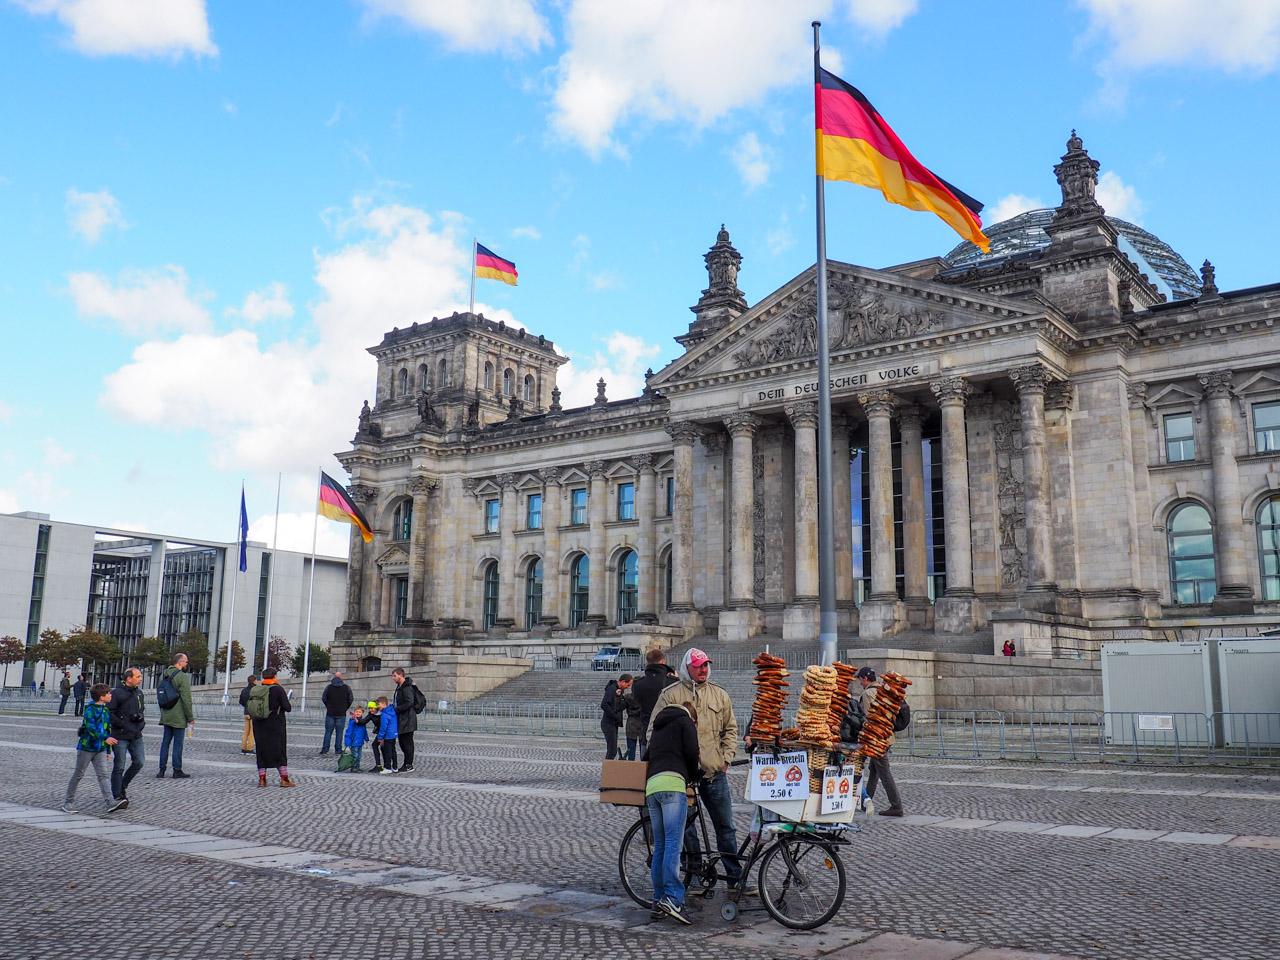 Reichstag and pretzels